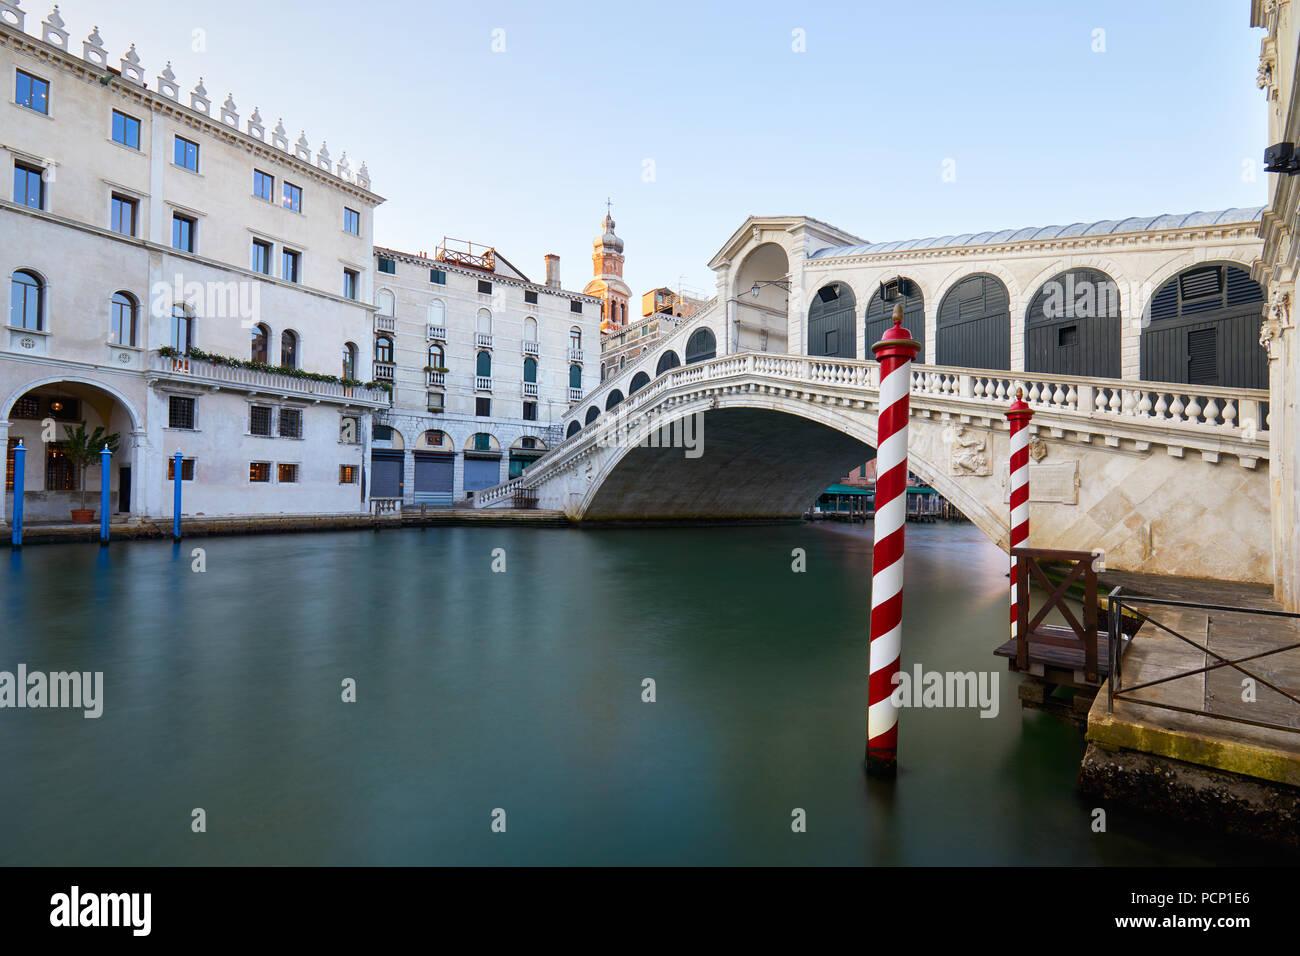 Il ponte di Rialto e il Canal Grande a Venezia, nessuno al mattino, Italia Immagini Stock